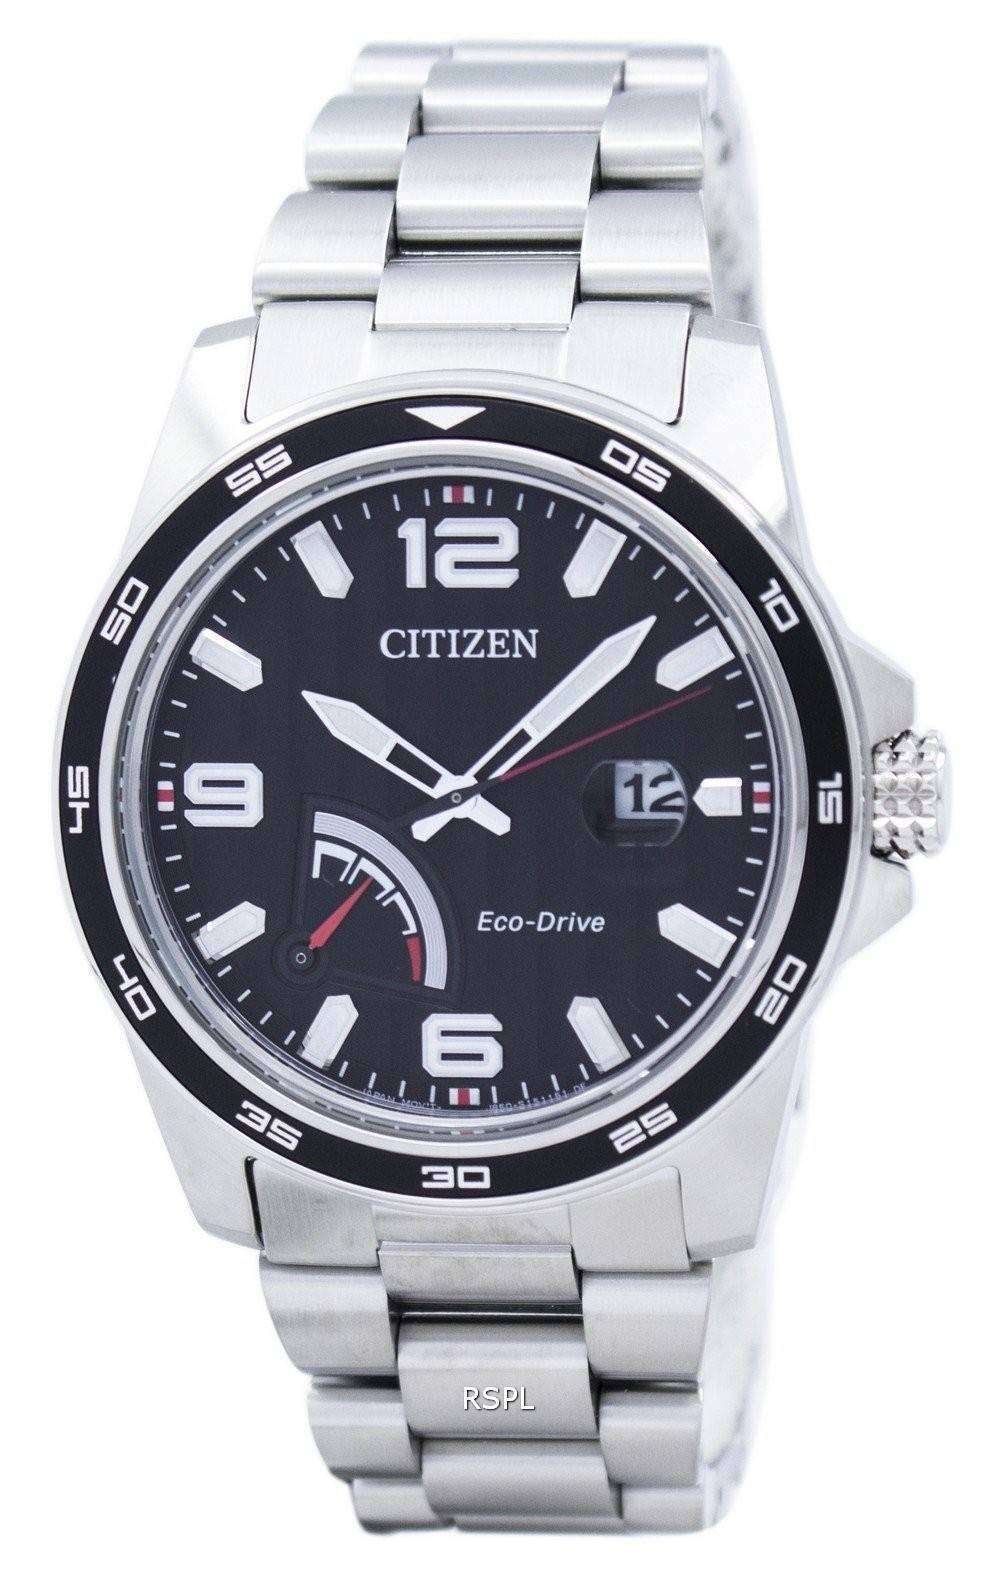 PRT シチズンエコ ドライブ パワー リザーブ アナログ AW7030 57E メンズ腕時計